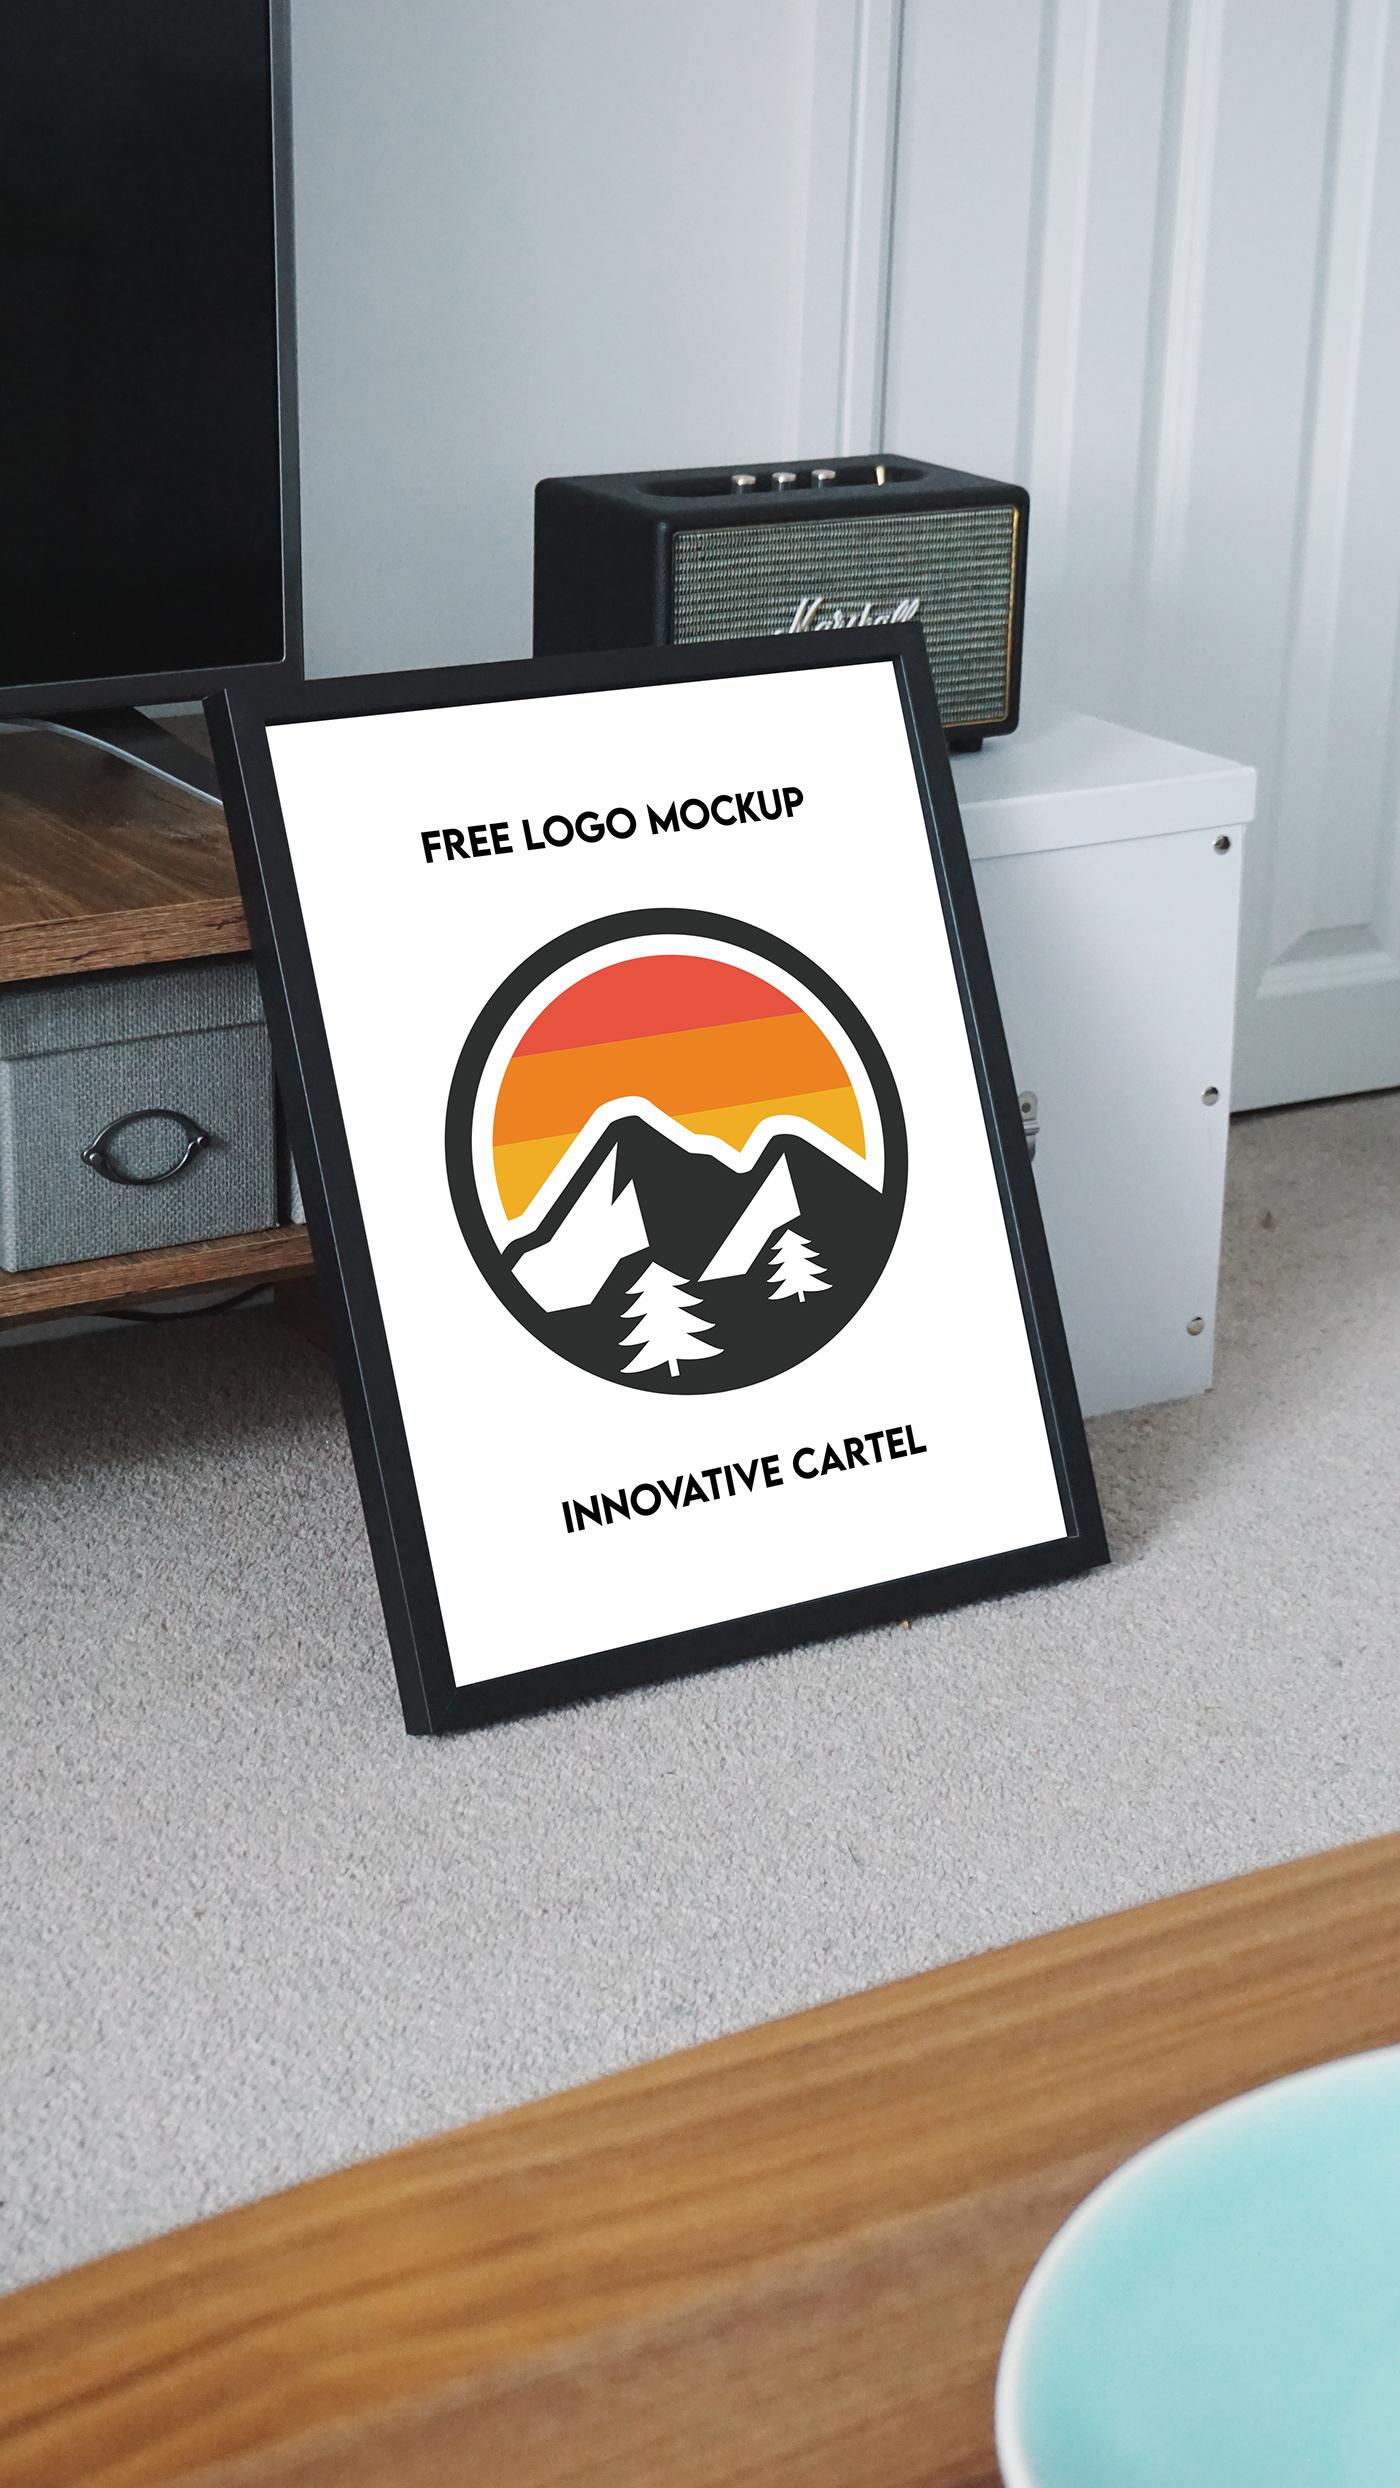 asset frame free Free logo mockup download graphic graphic design  logo Mockup Mockup photoshop 3d mockup